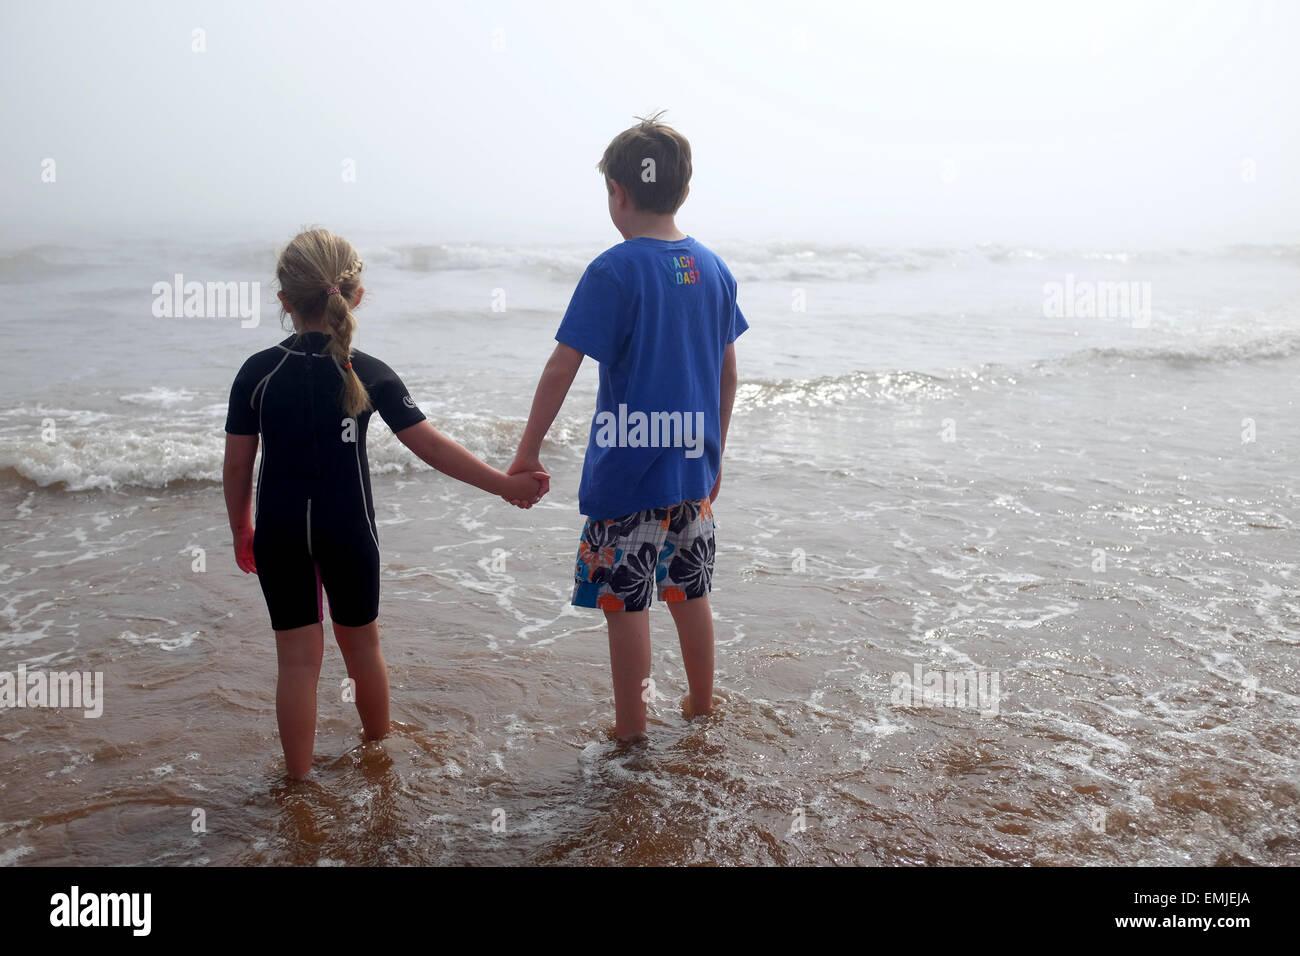 Un jeune garçon et fille tenant la main regarder dehors à la mer sur un jour brumeux Photo Stock